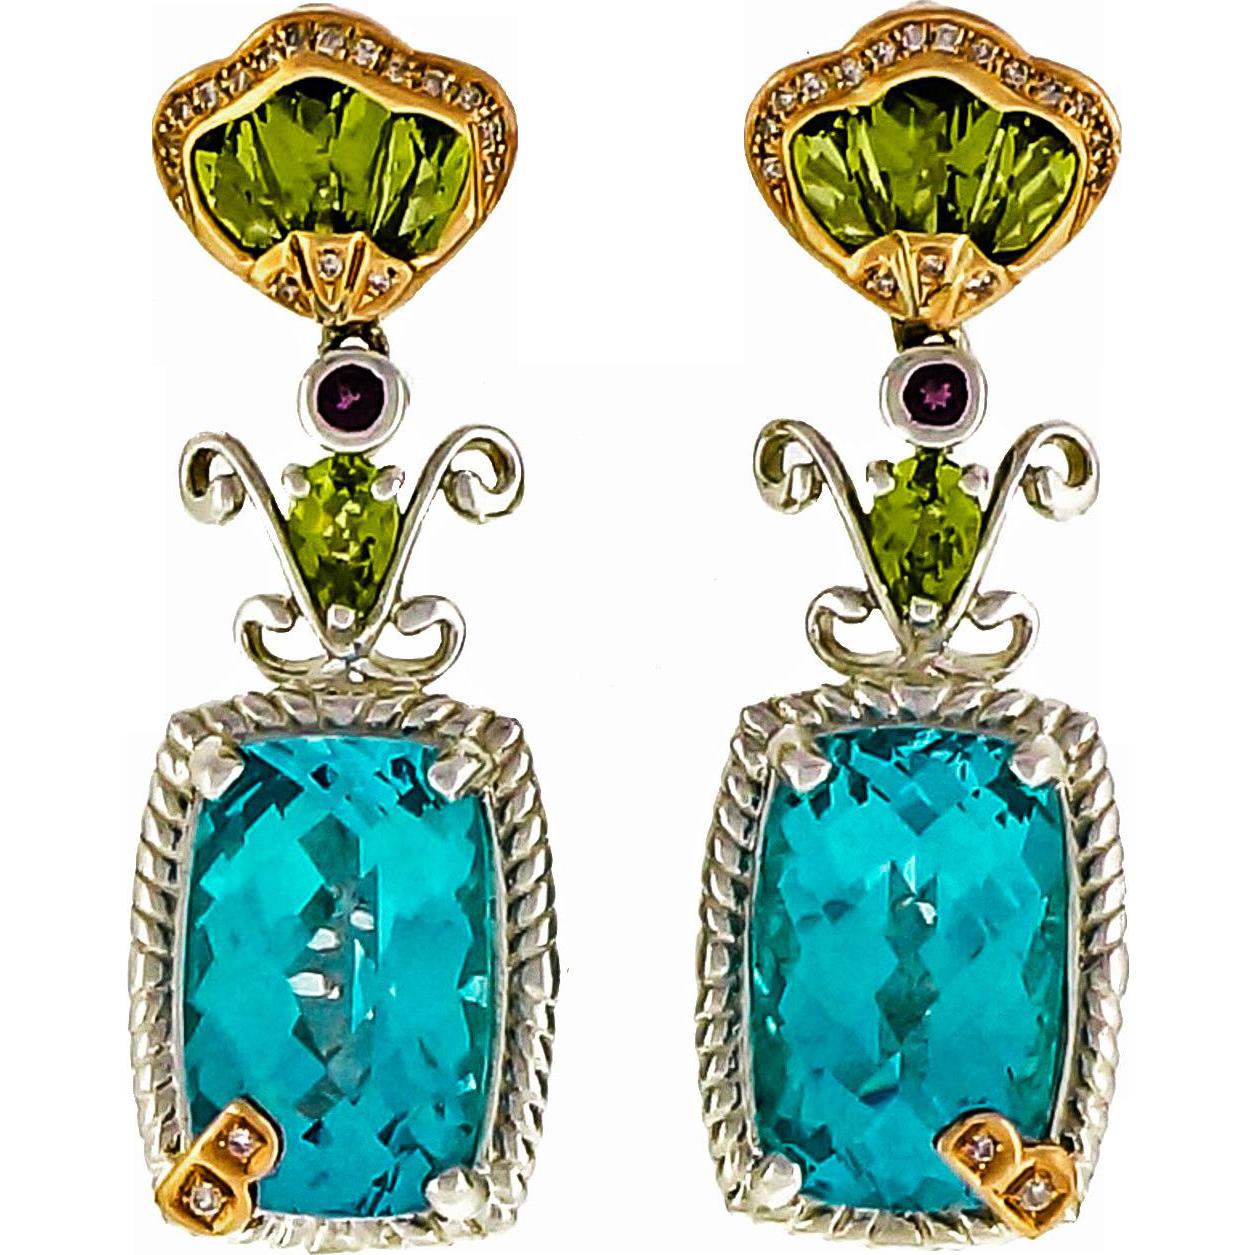 Bellarri Peridot Diamond Topaz Amethyst Sterling Silver Rose 18 Karat Gold Dangle Earrings